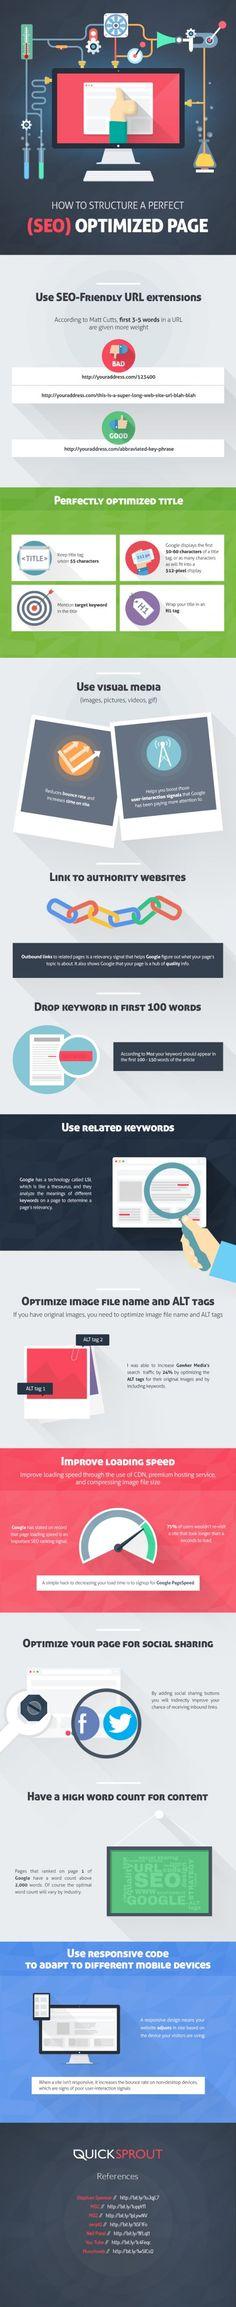 Die 11 #SEO Tipps sorgen nicht nur für ein besseres Ranking, dem Nutzer gefällt es auch! #Infografik